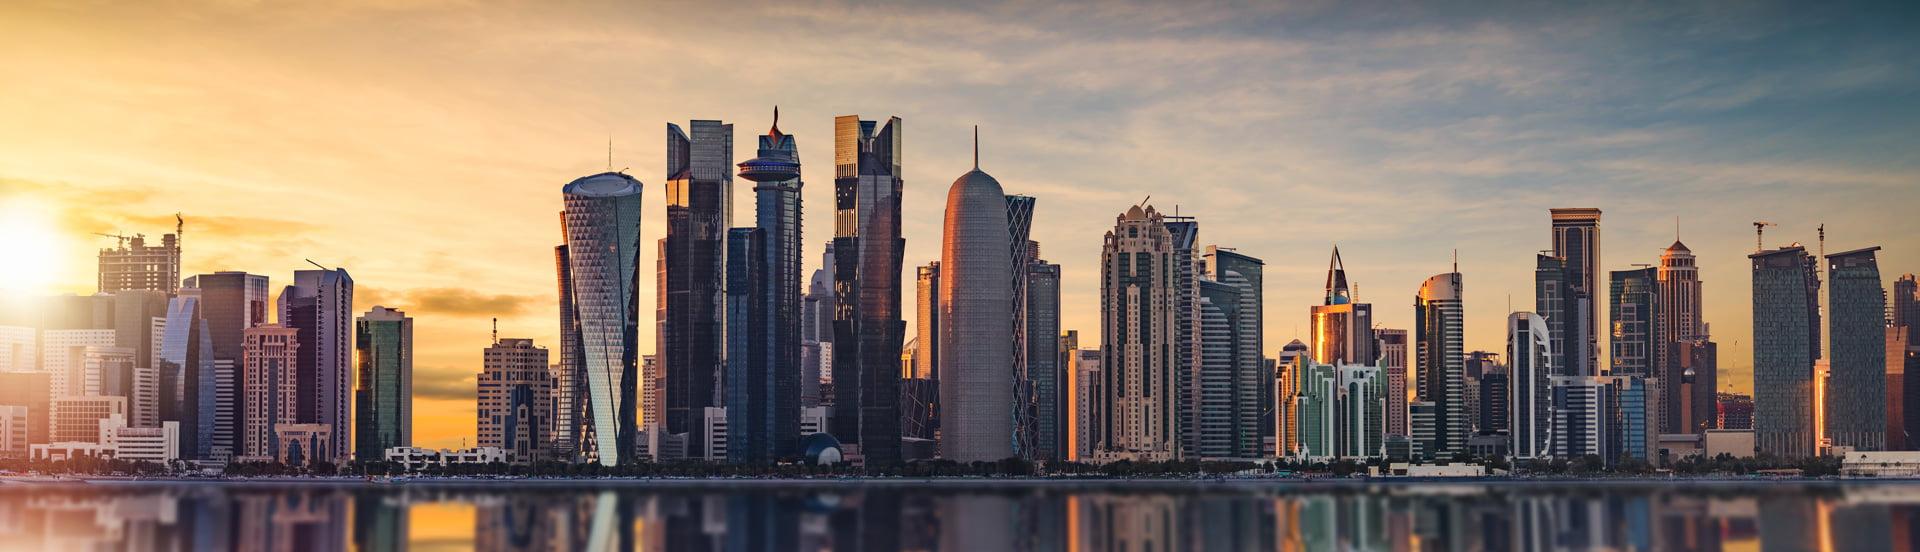 kingsmill Qatar